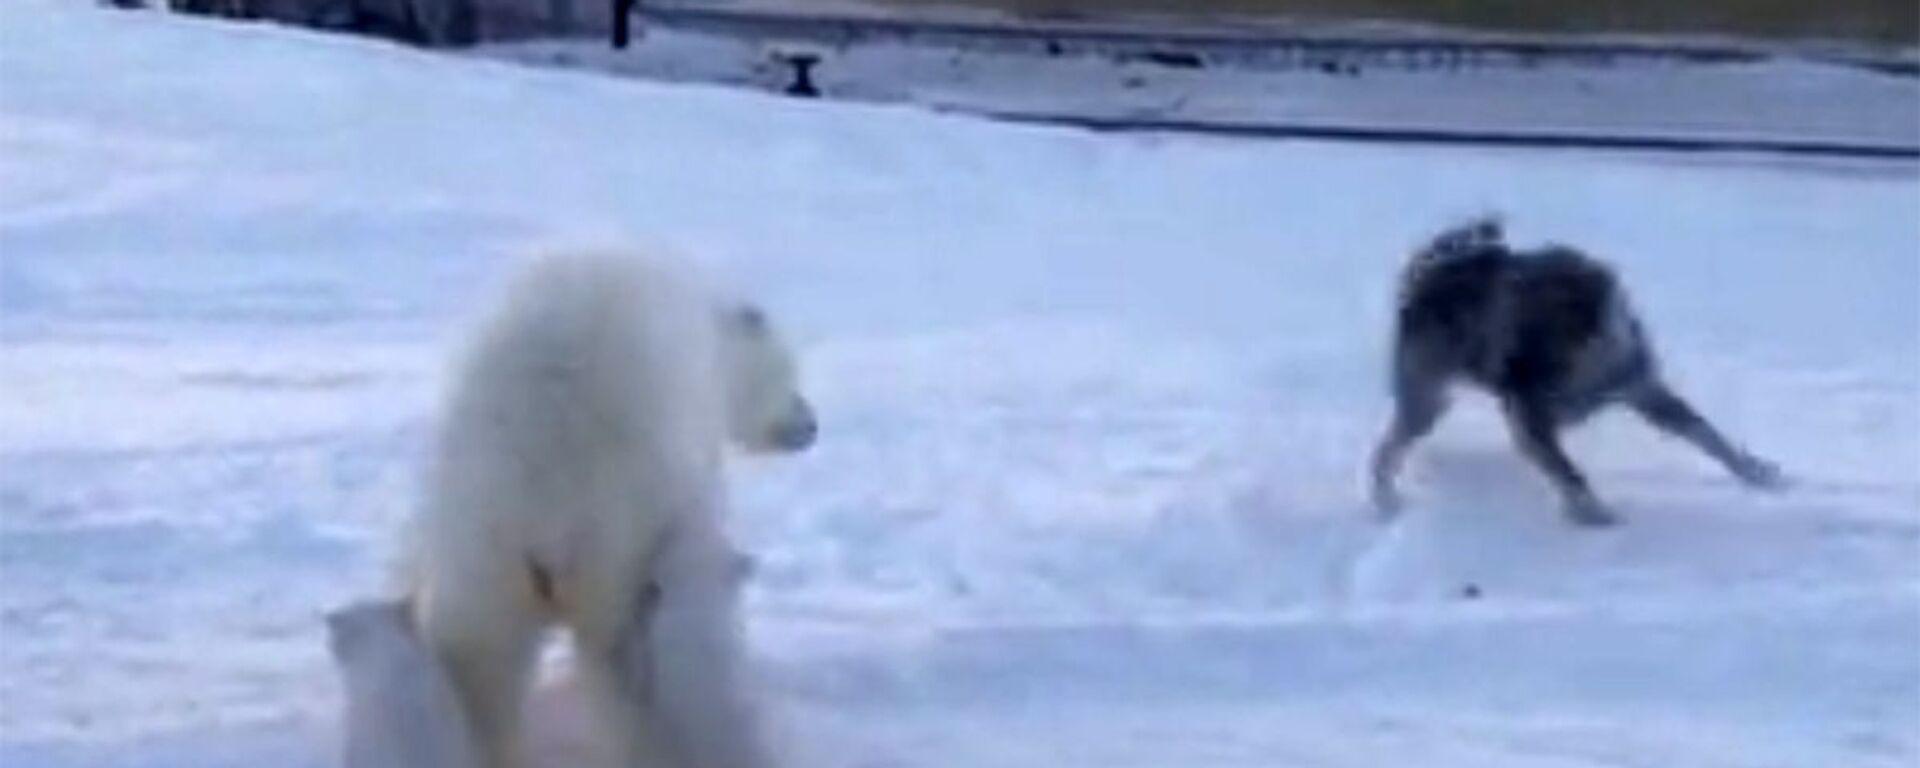 Πολική αρκούδα προσπαθεί να προστατέψει τα μωρά της από επίθεση σκύλων - Sputnik Ελλάδα, 1920, 18.02.2021